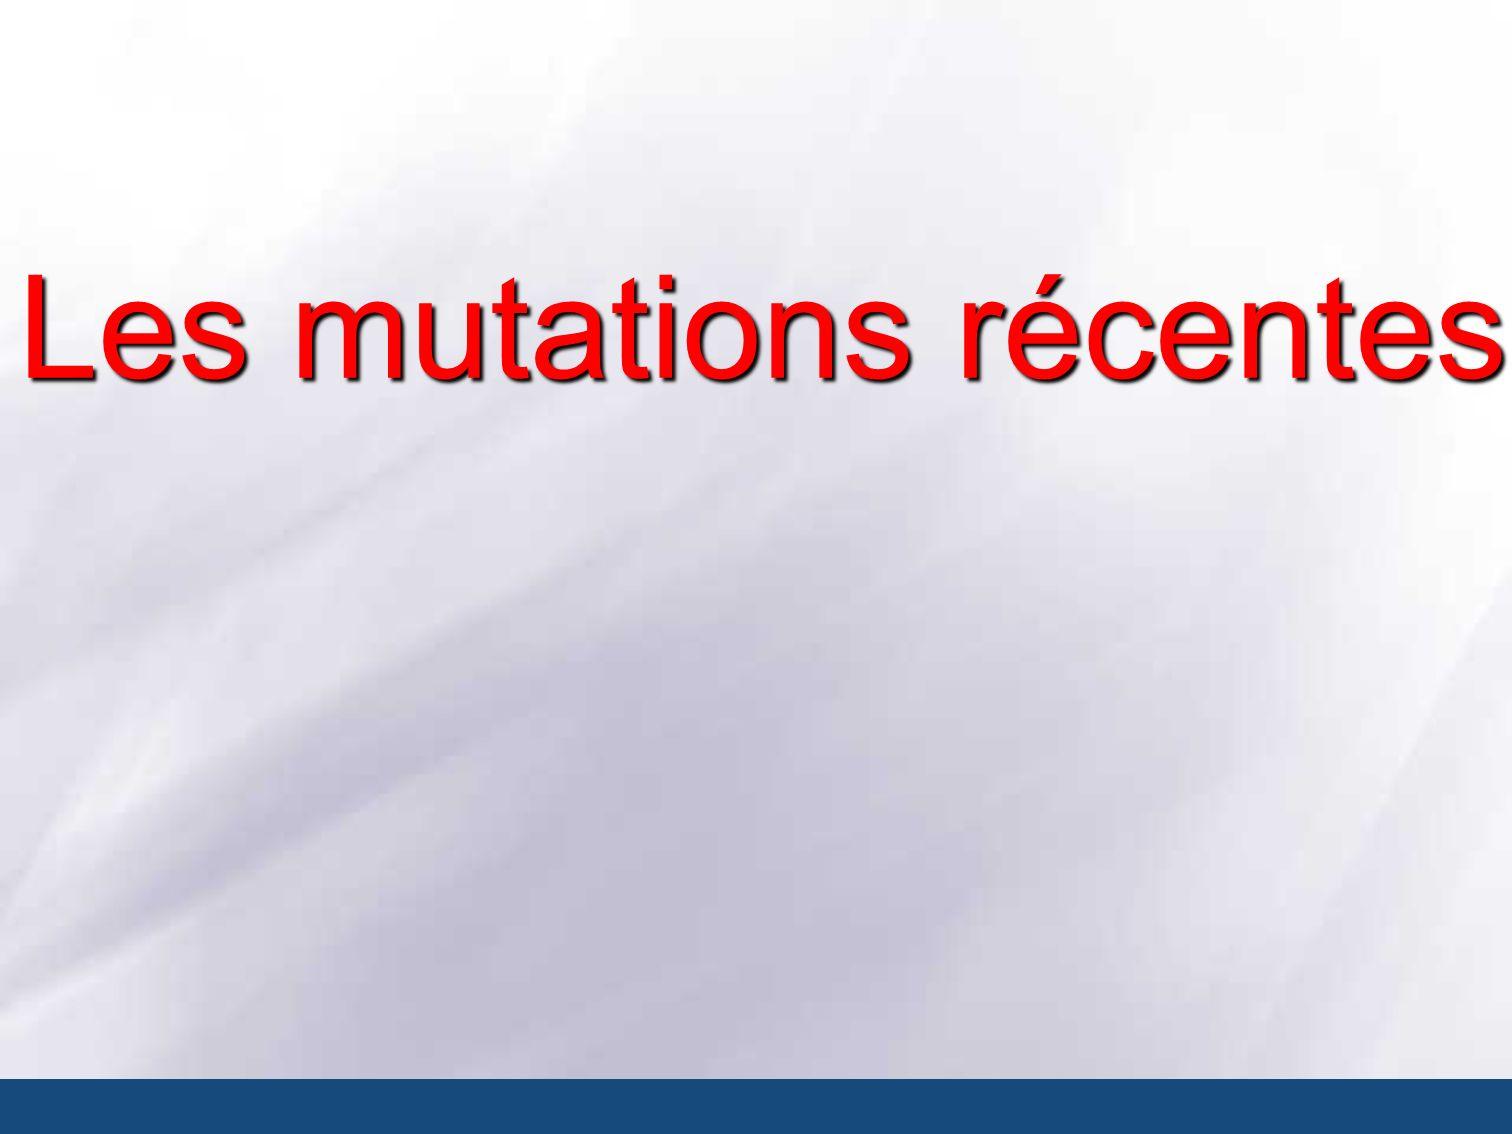 Les mutations récentes